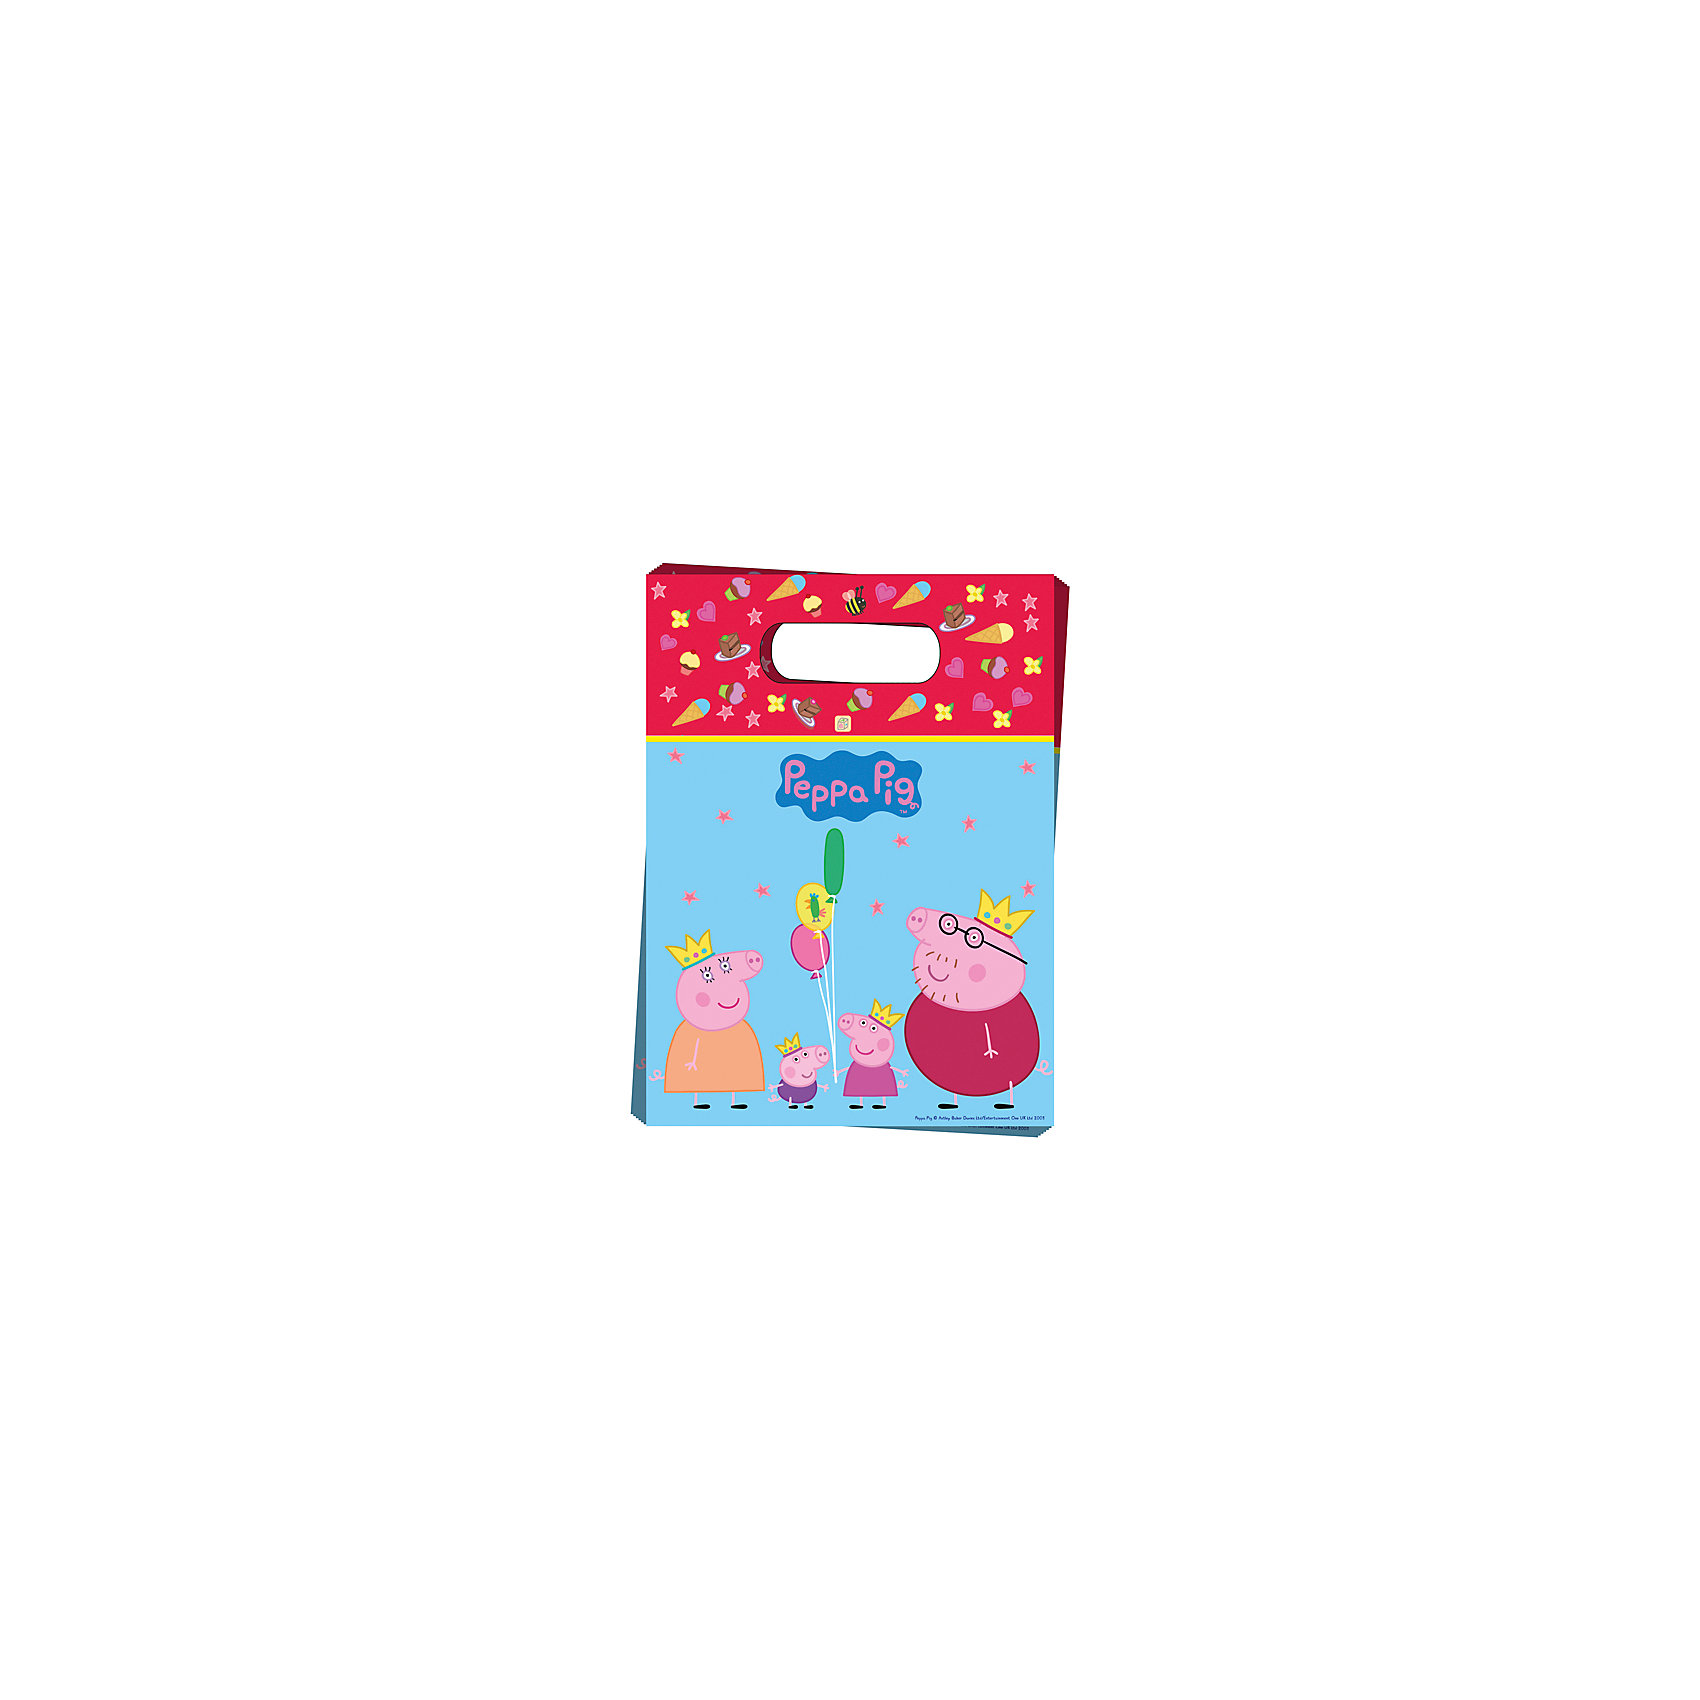 Росмэн Подарочный пакет Пеппа - Принцесса (6 шт) росмэн подарочный пакет пеппа и птица 230 180 100 мм